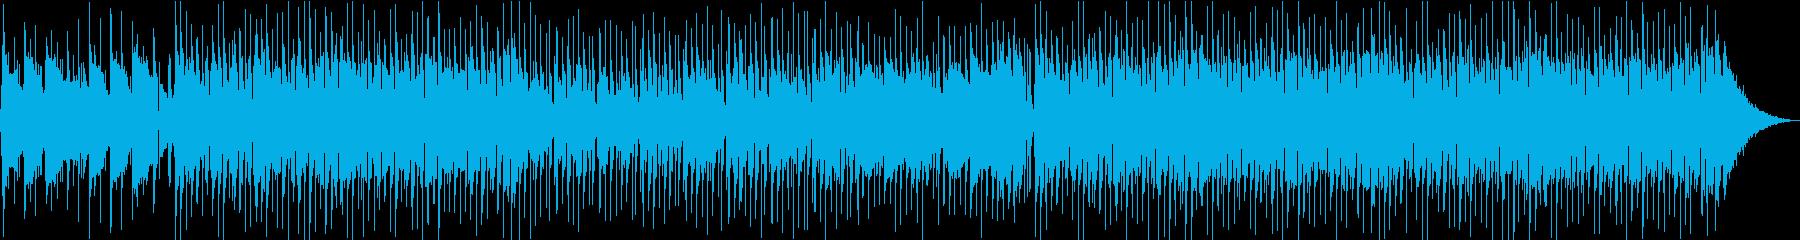 とびっきりHAPPYな曲の再生済みの波形